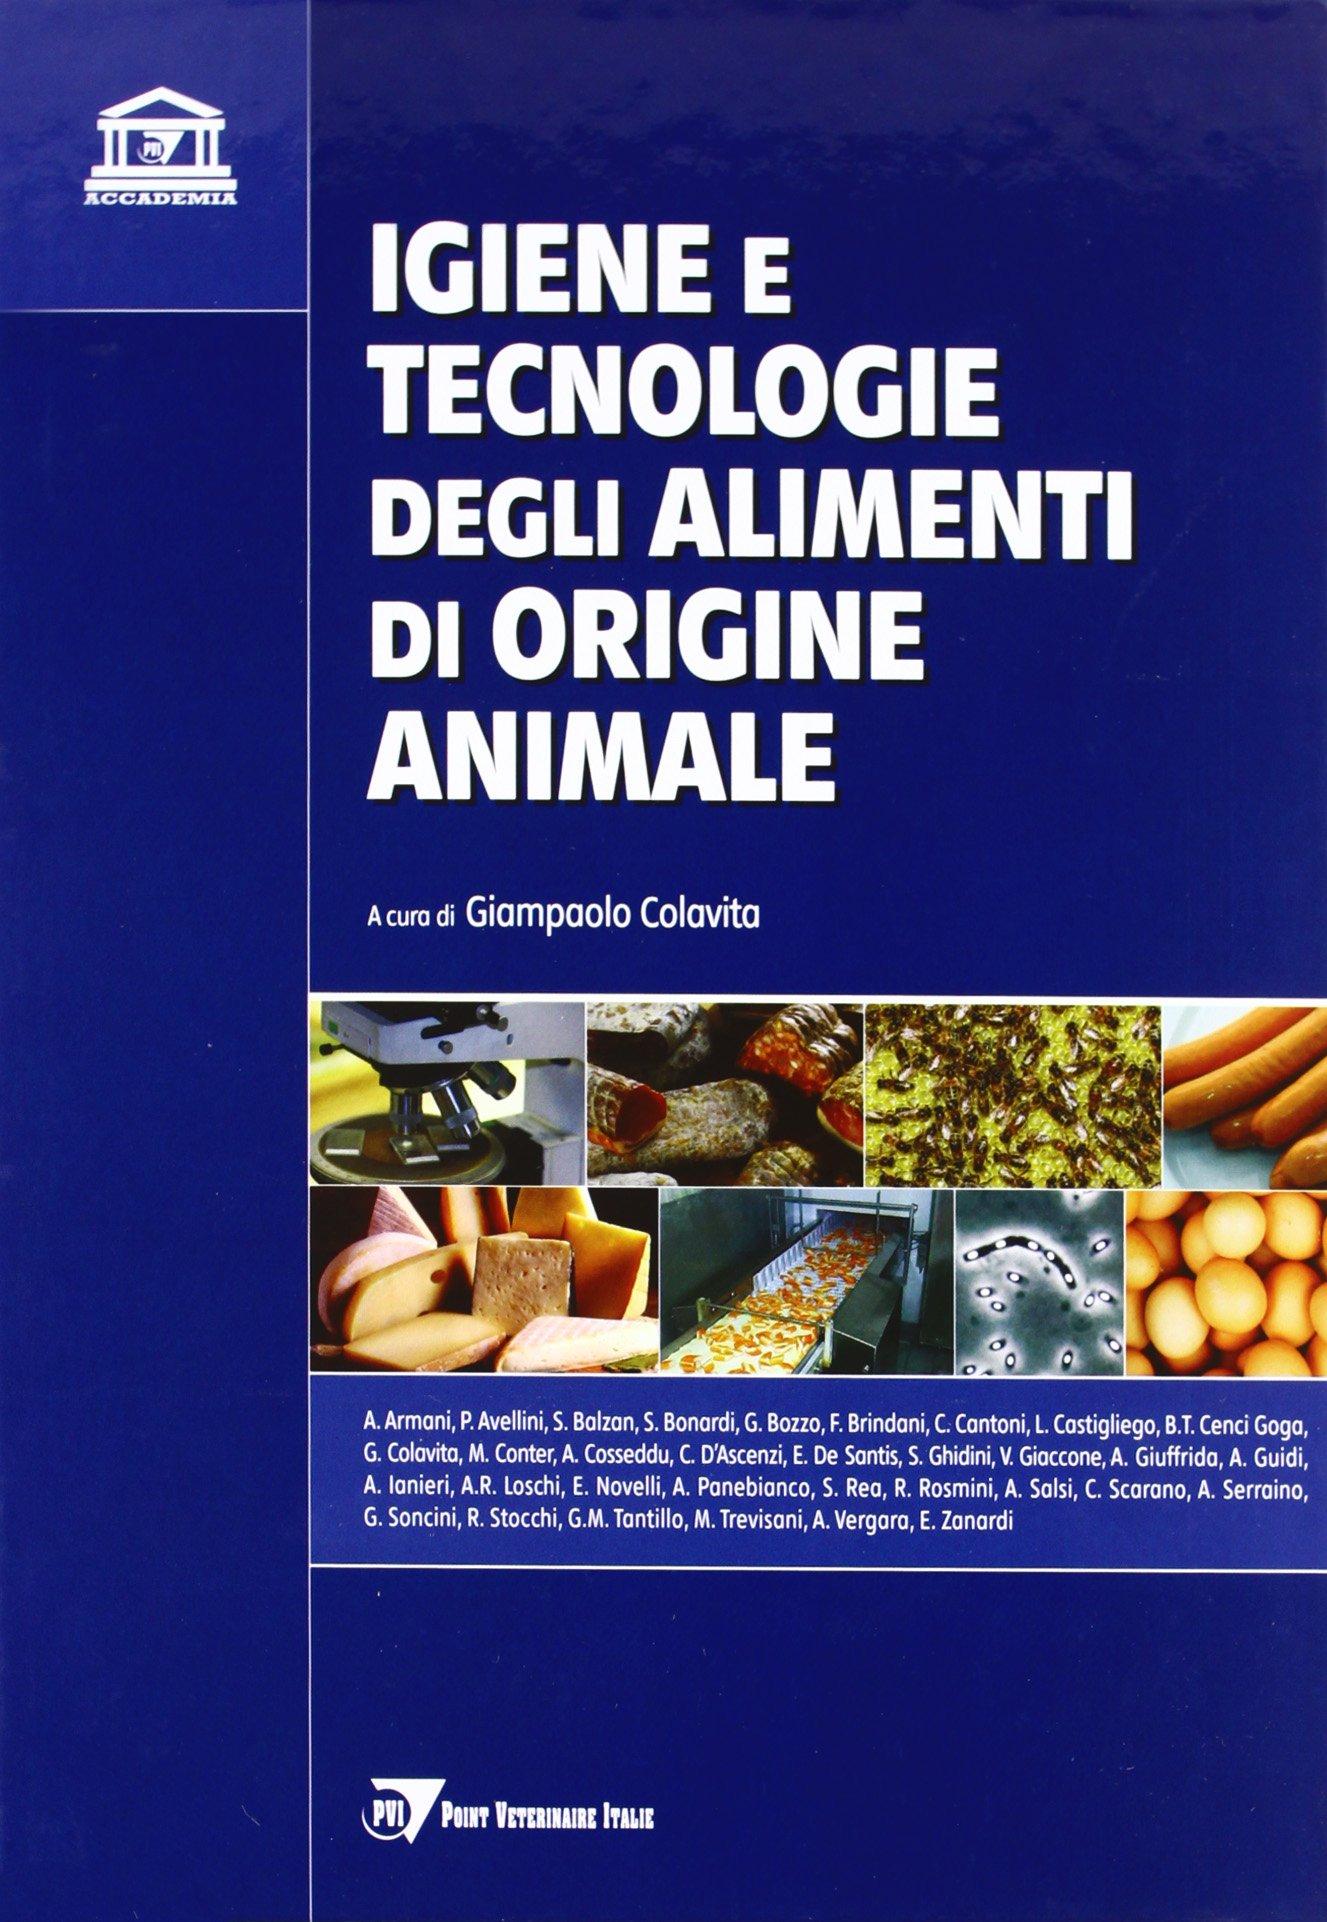 Igiene e tecnologie degli alimenti di origine animale